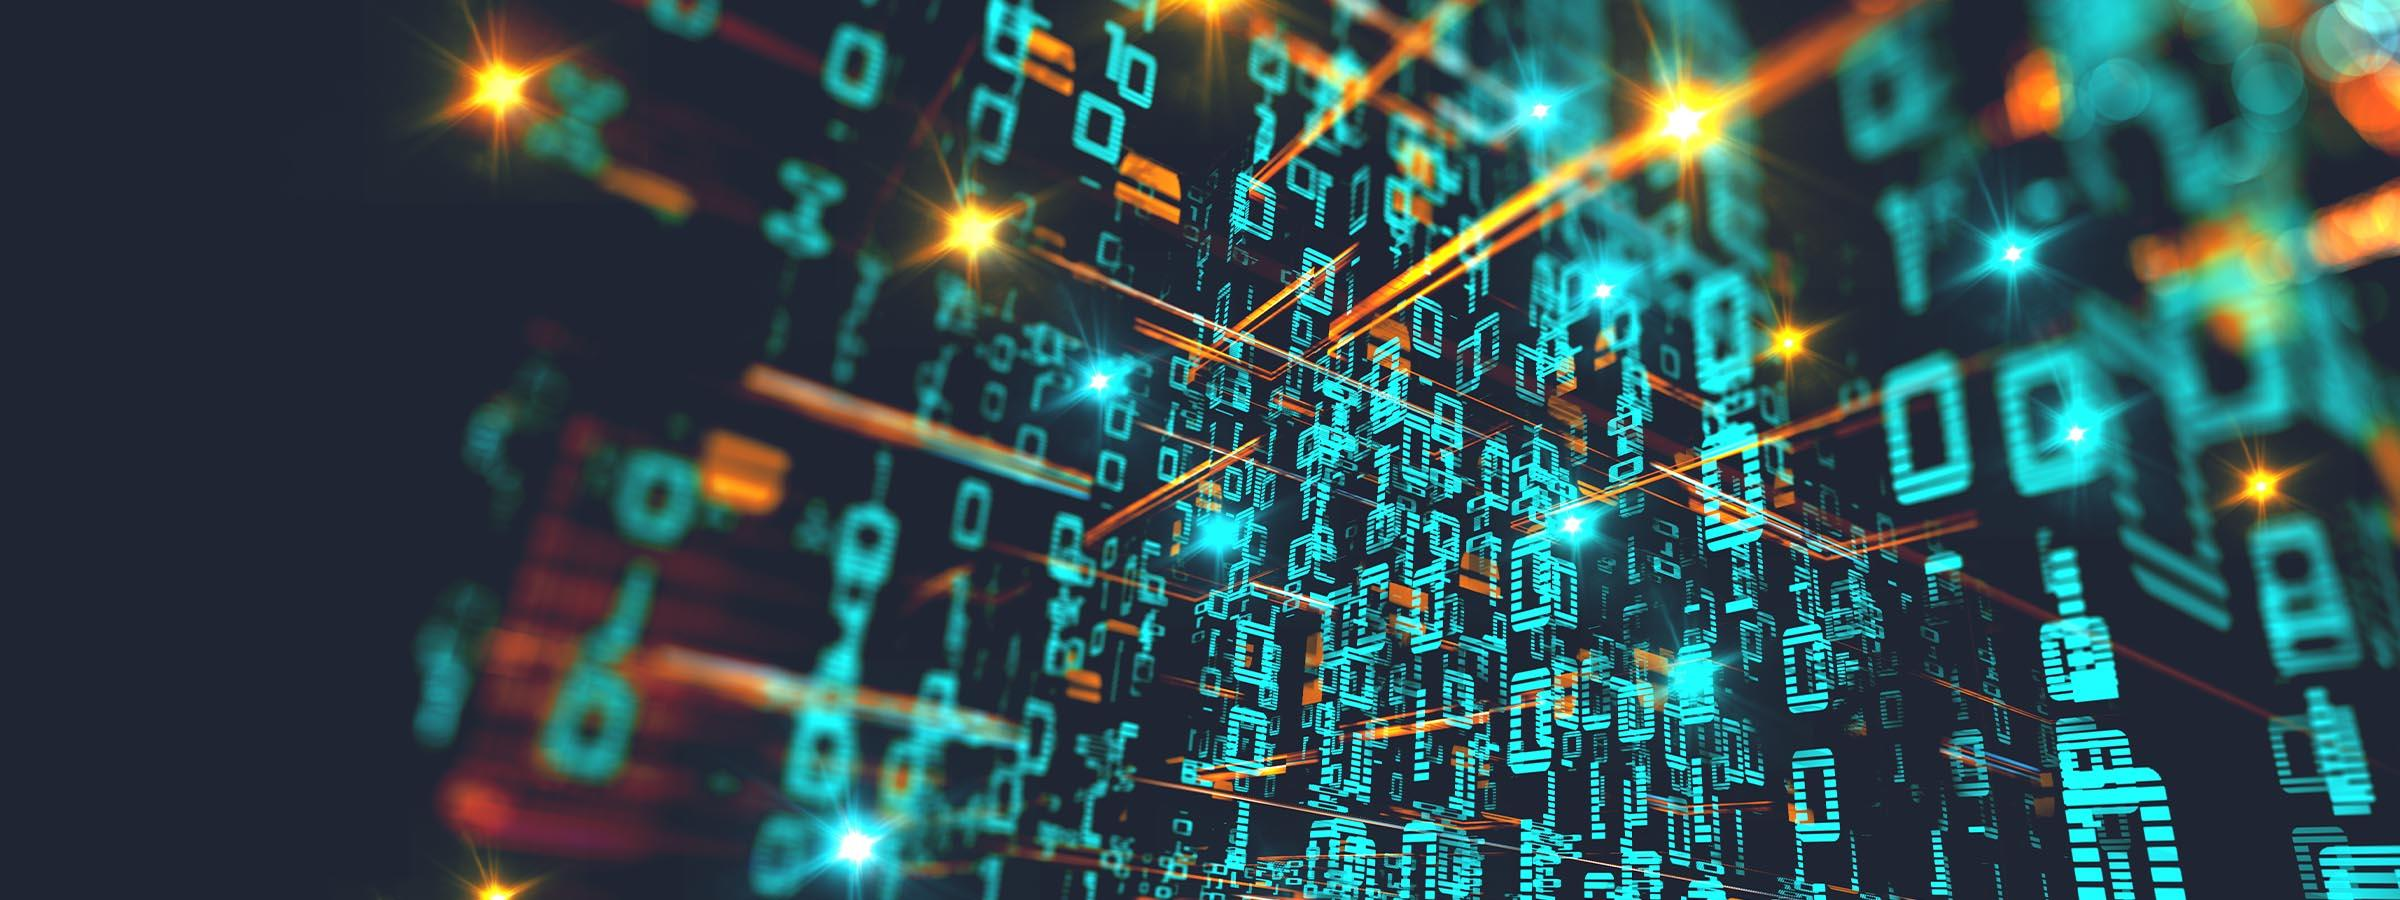 sequential digital data